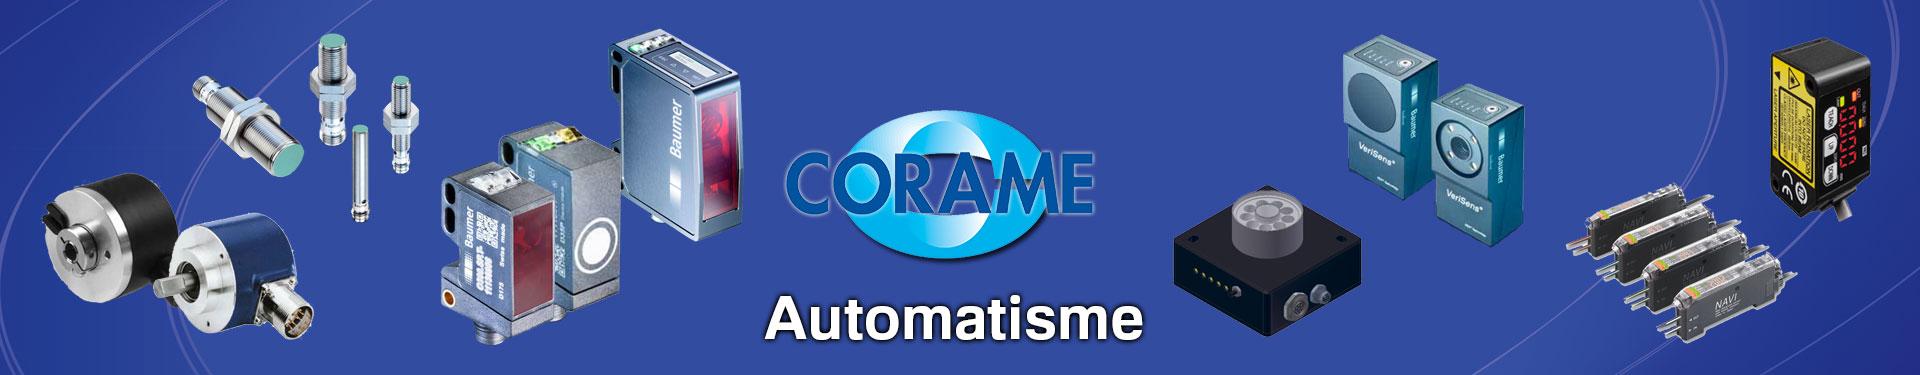 Produits Automatisme sélectionnés par Corame